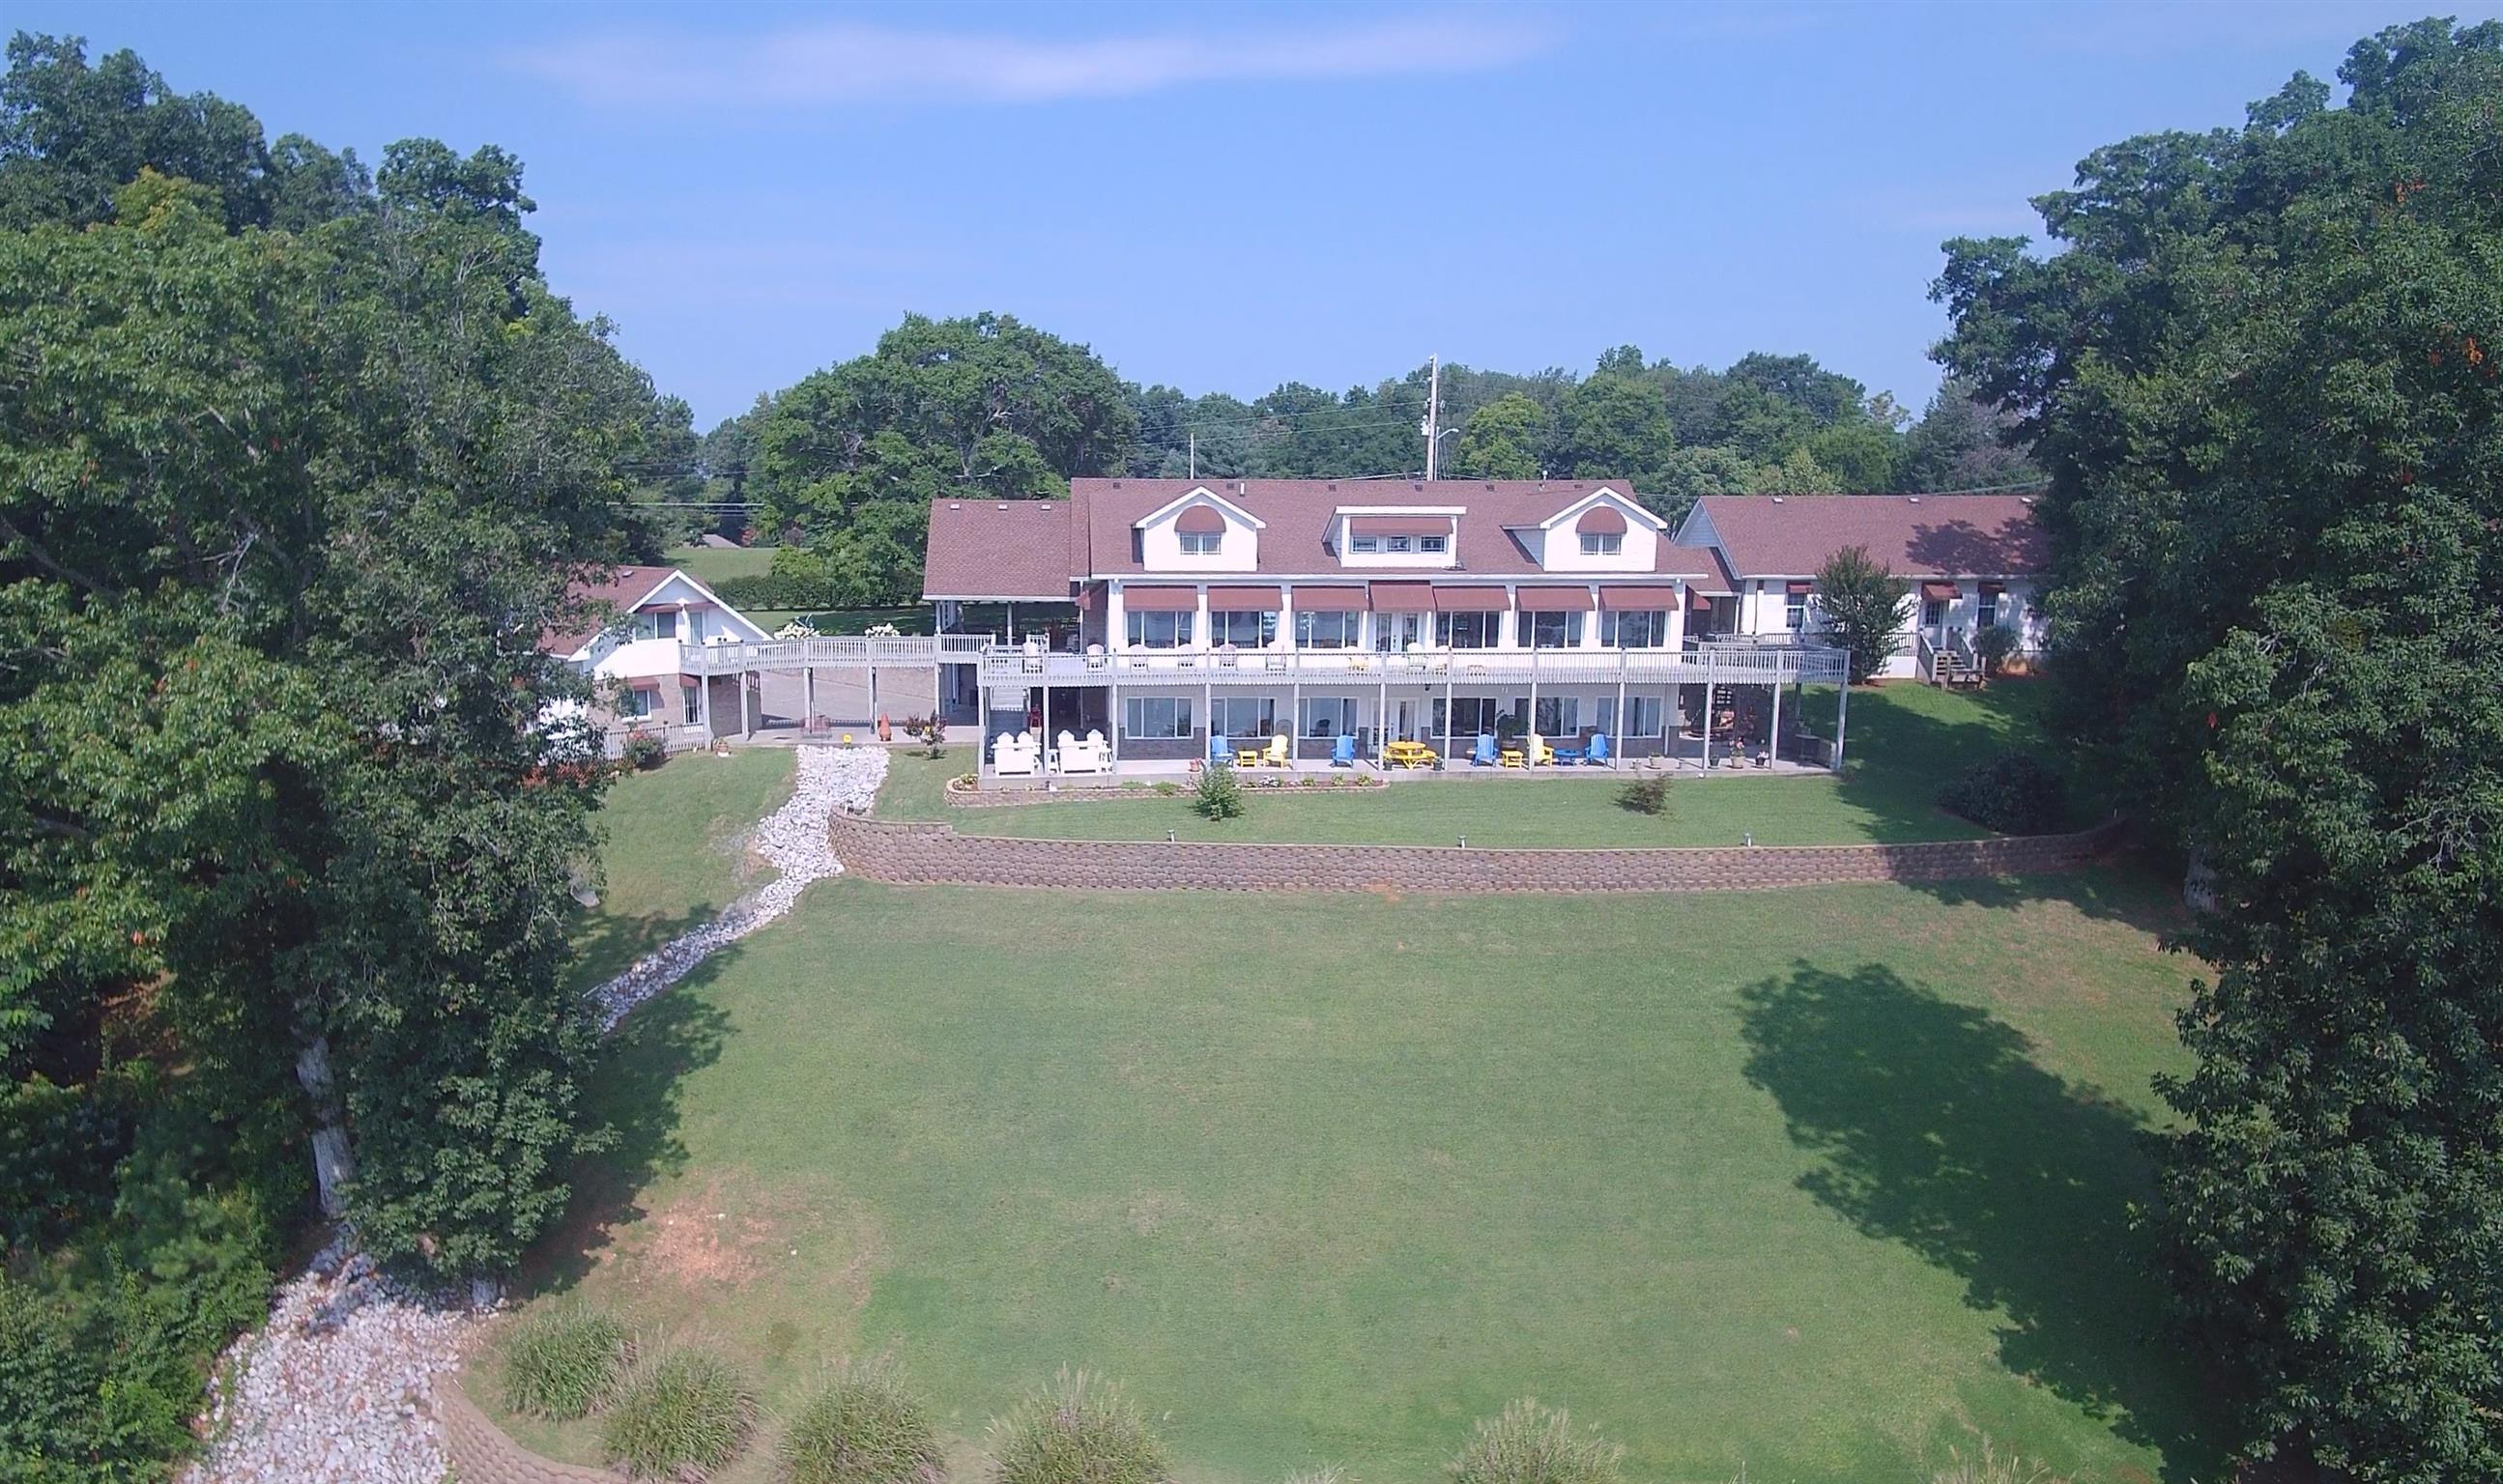 627 Eastbrook Rd, Estill Springs, TN 37330 - Estill Springs, TN real estate listing